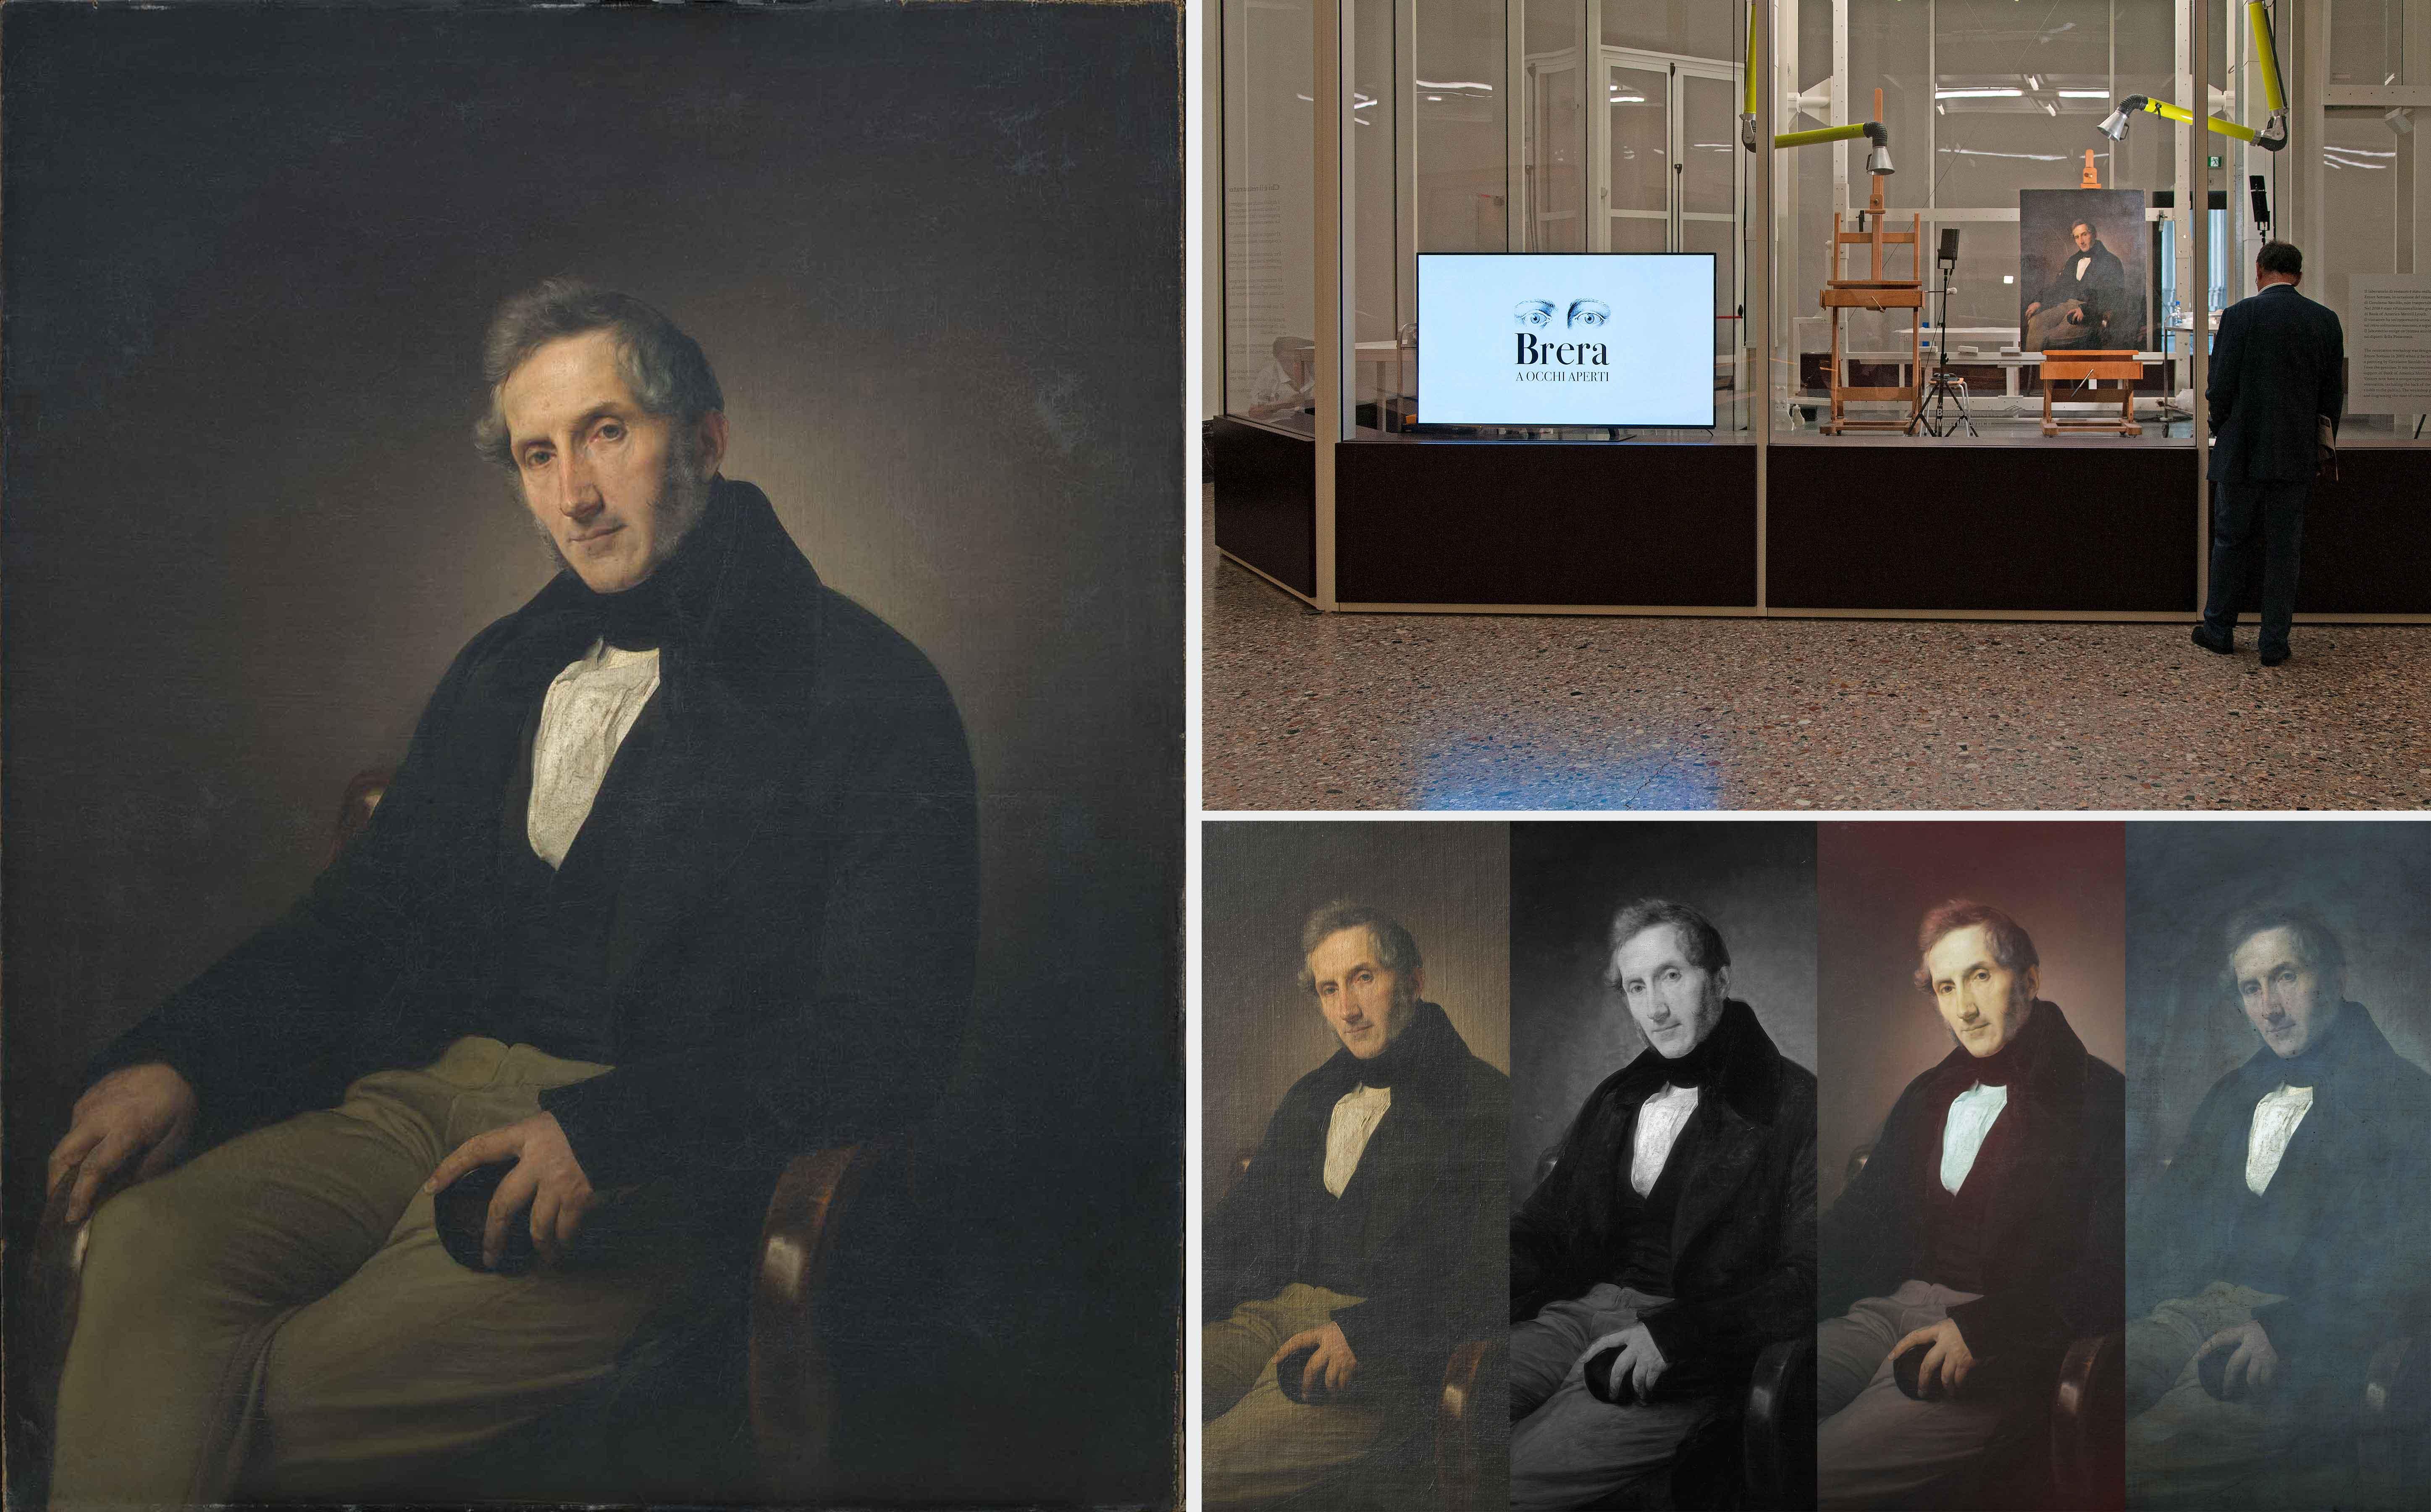 A sinistra, Francesco Hayez, Ritratto di Alessandro Manzoni, prima del restauro (fig. 1). A destra in alto, l'opera collocata nel laboratorio di restauro della Pinacoteca di Brera (fig. 2). In basso, particolare in luce visibile radente, riflettografia IRR, infrarosso falso colore e fluorescenza ultravioletta (fig. 3)